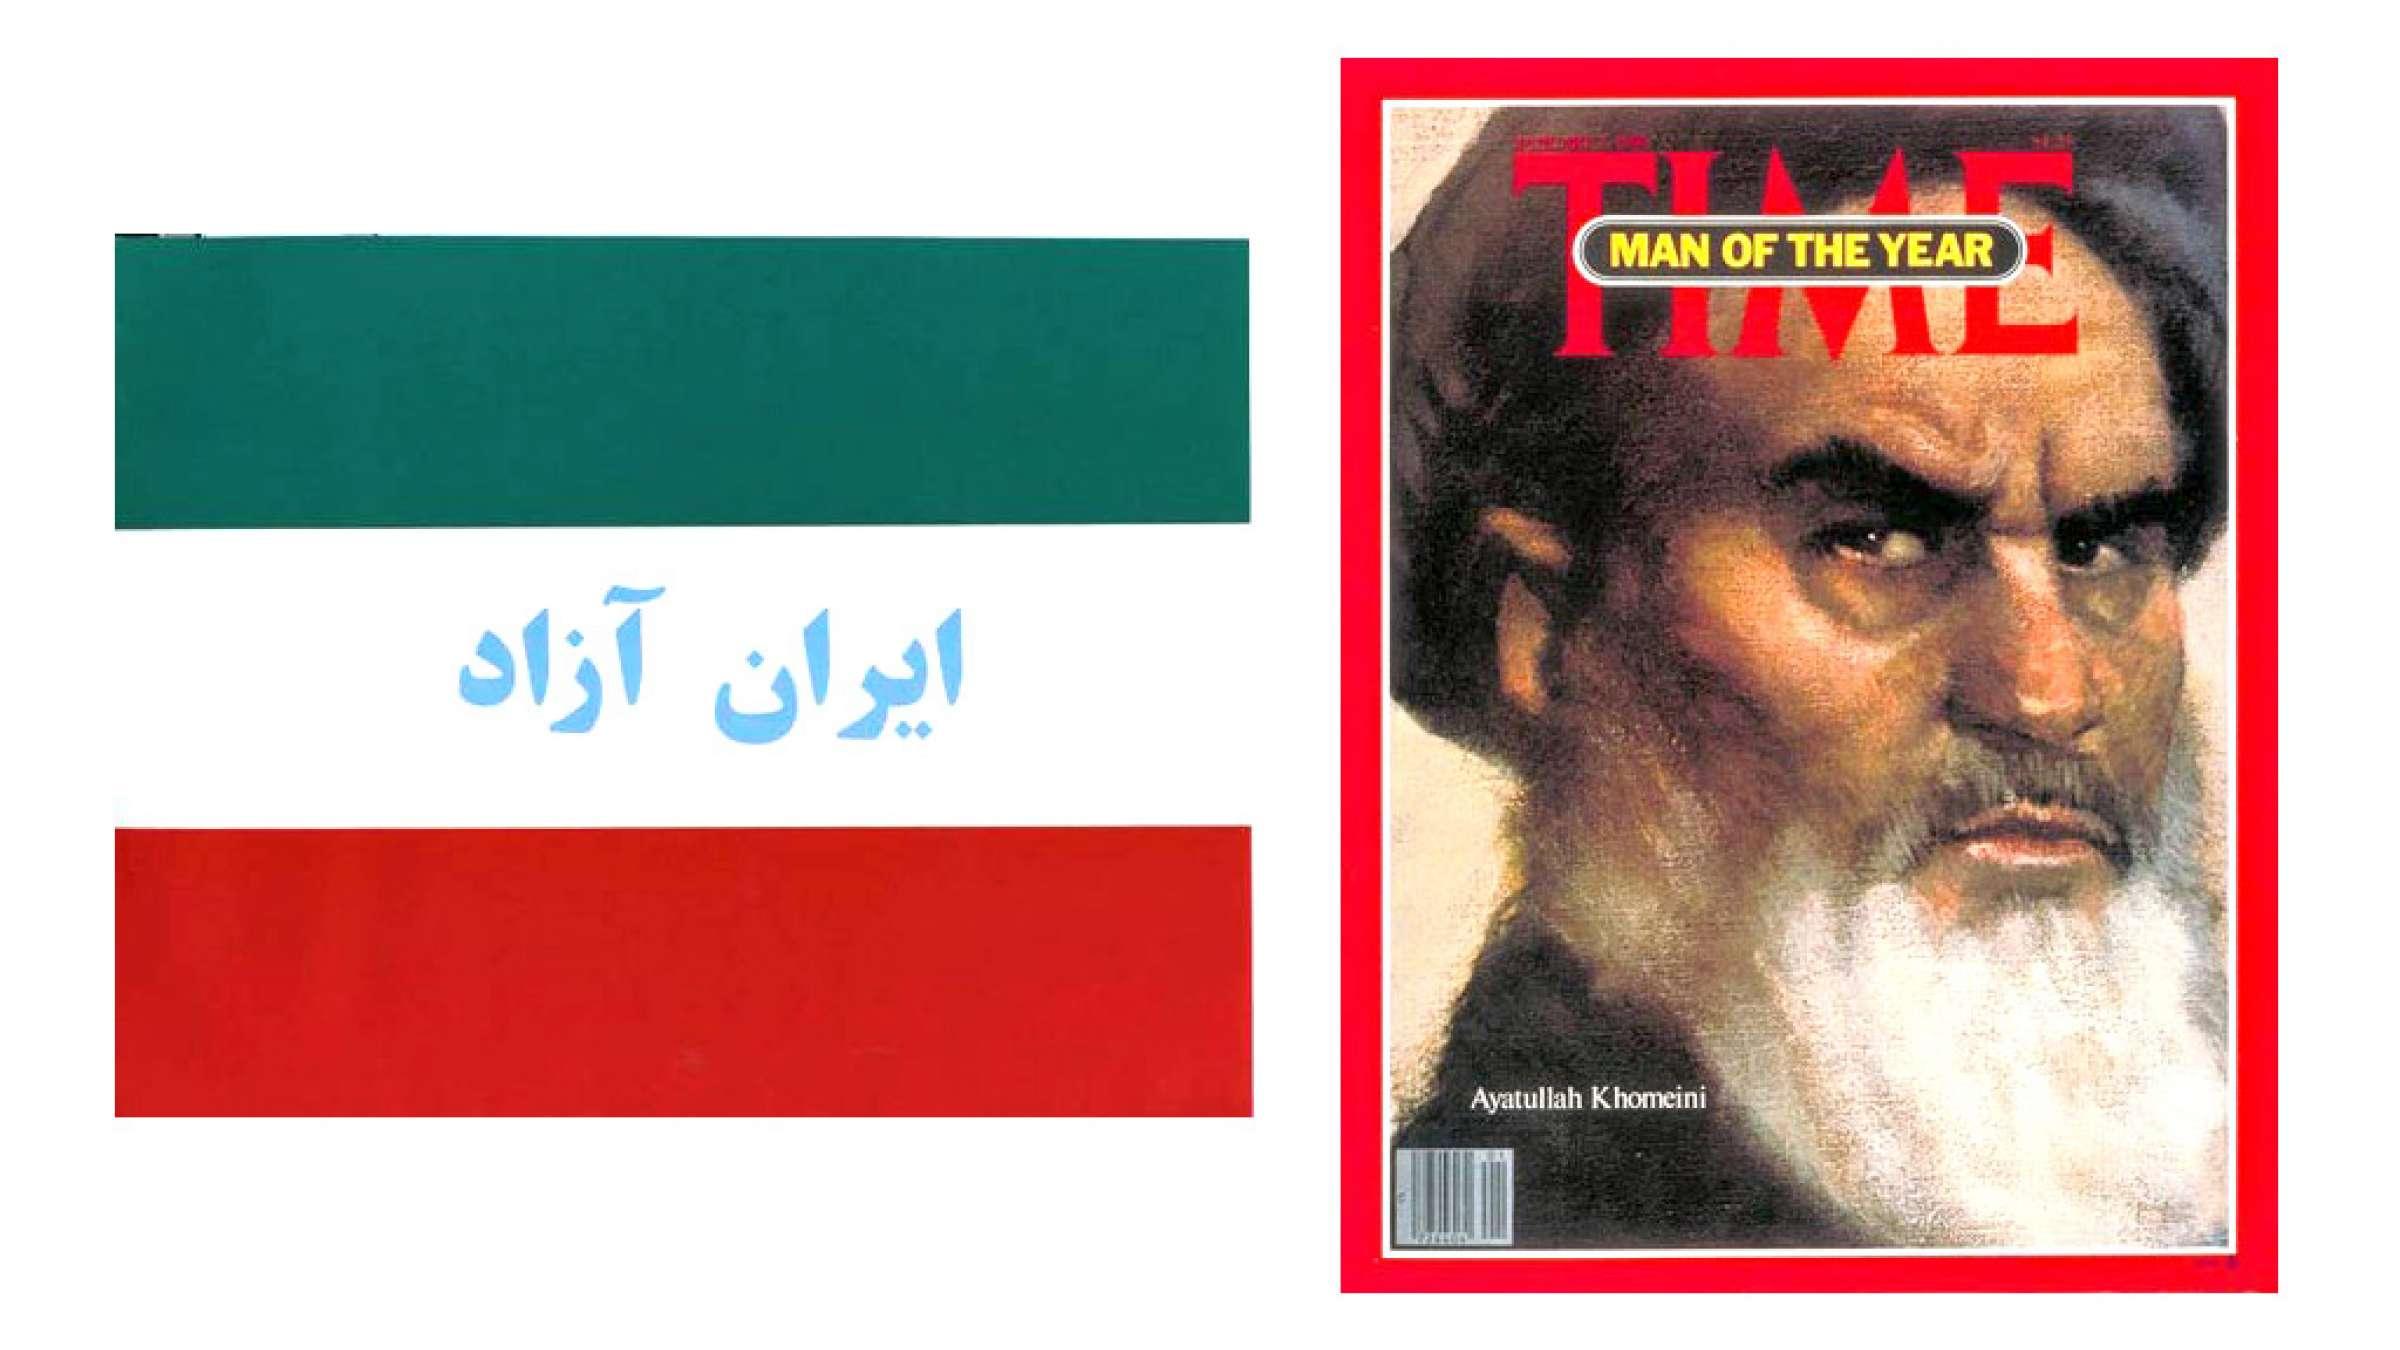 عمومی-ضیائیان-دروغِ-بزرگ-اساس-جمهوری-اسلامی